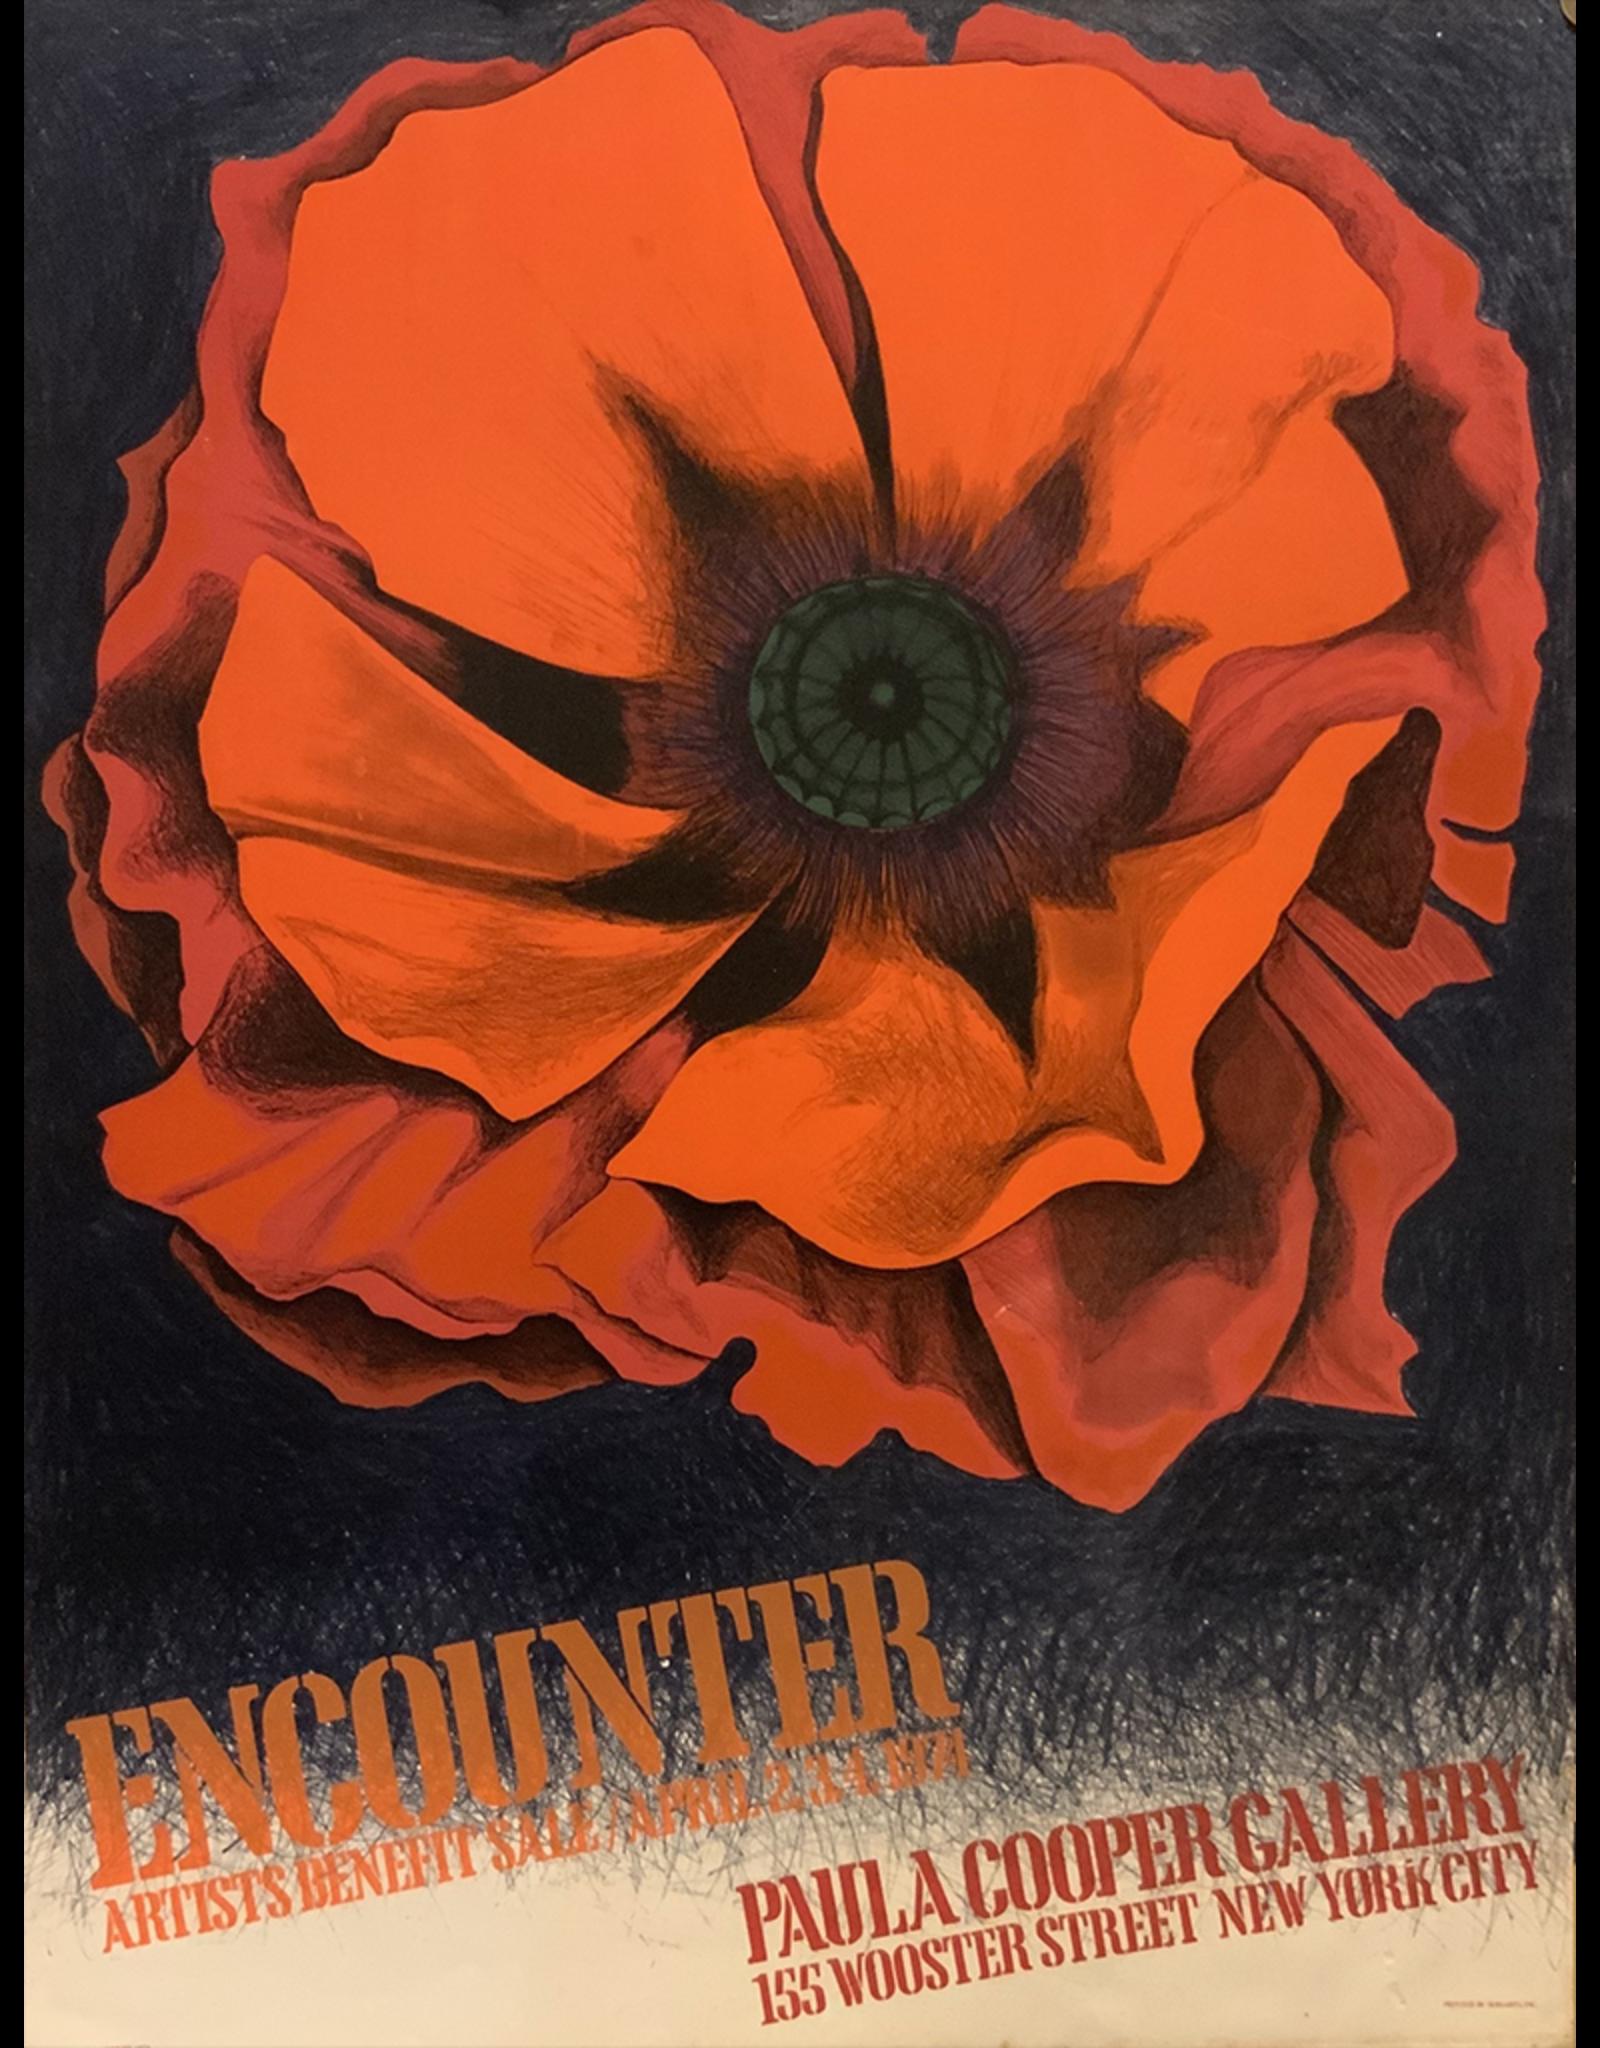 SPV Lowell Nesbitt poster for Paula Coopers gallery